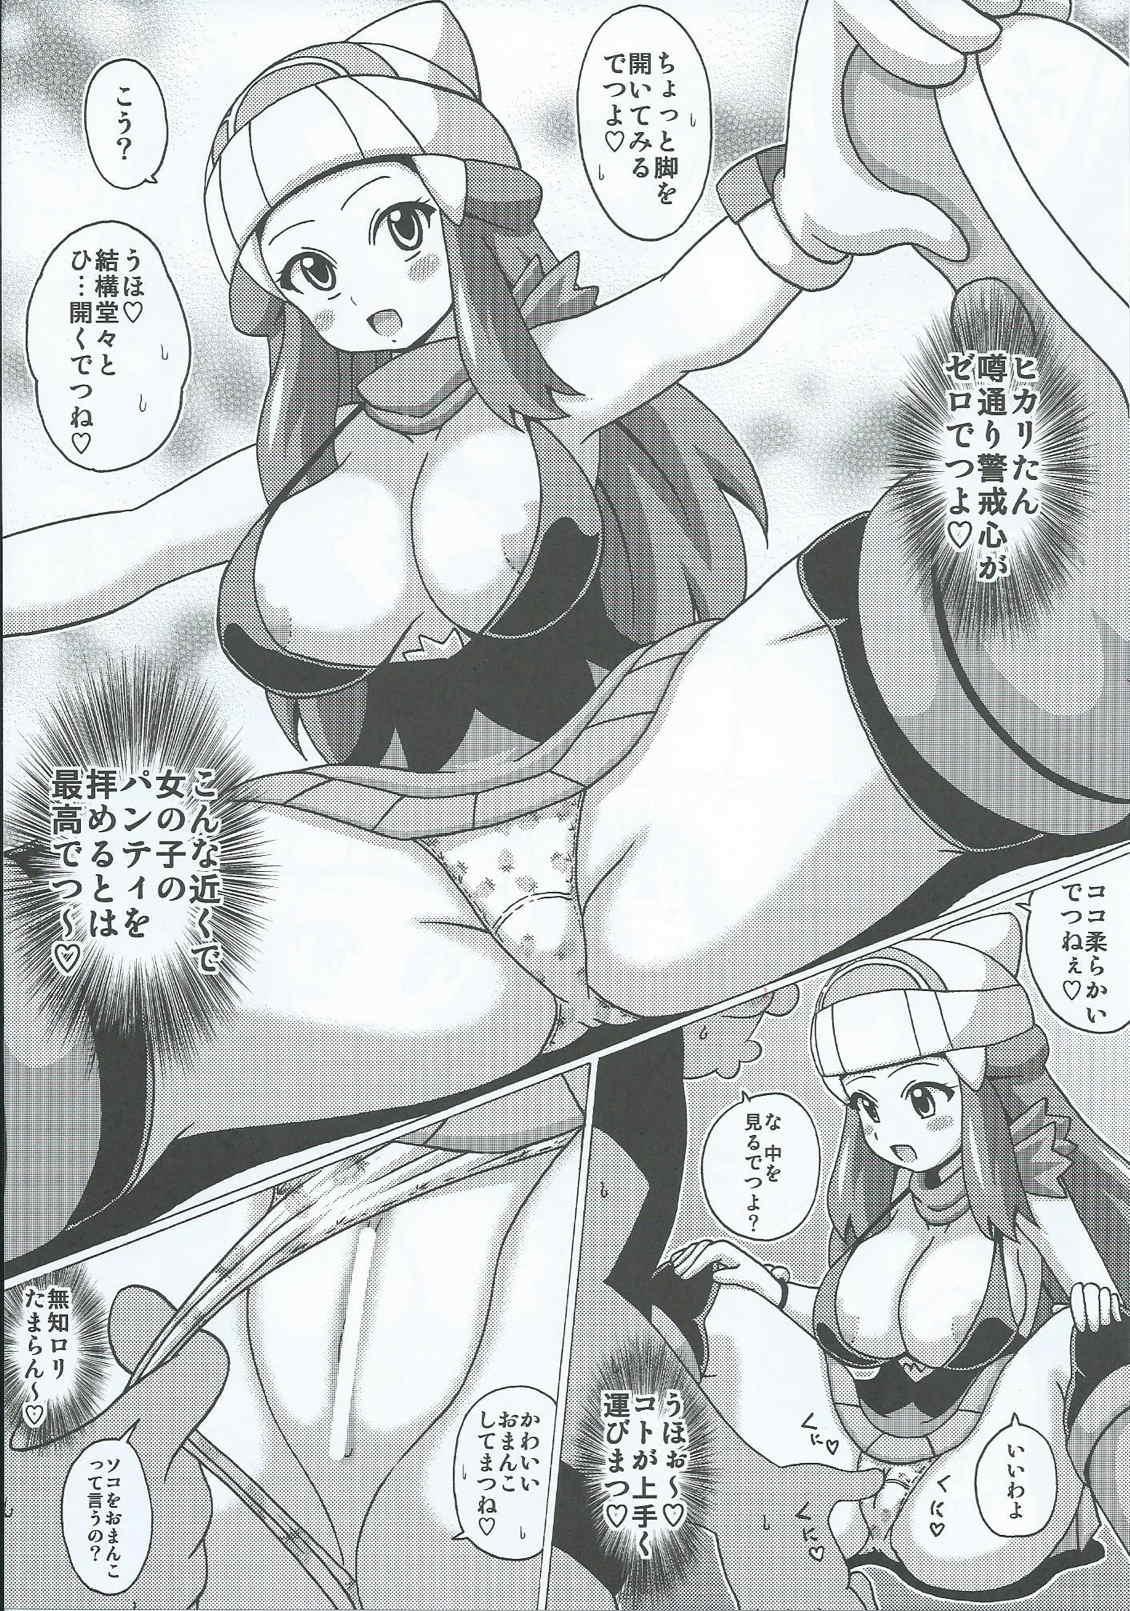 Hikari to Haruka no Hon 5